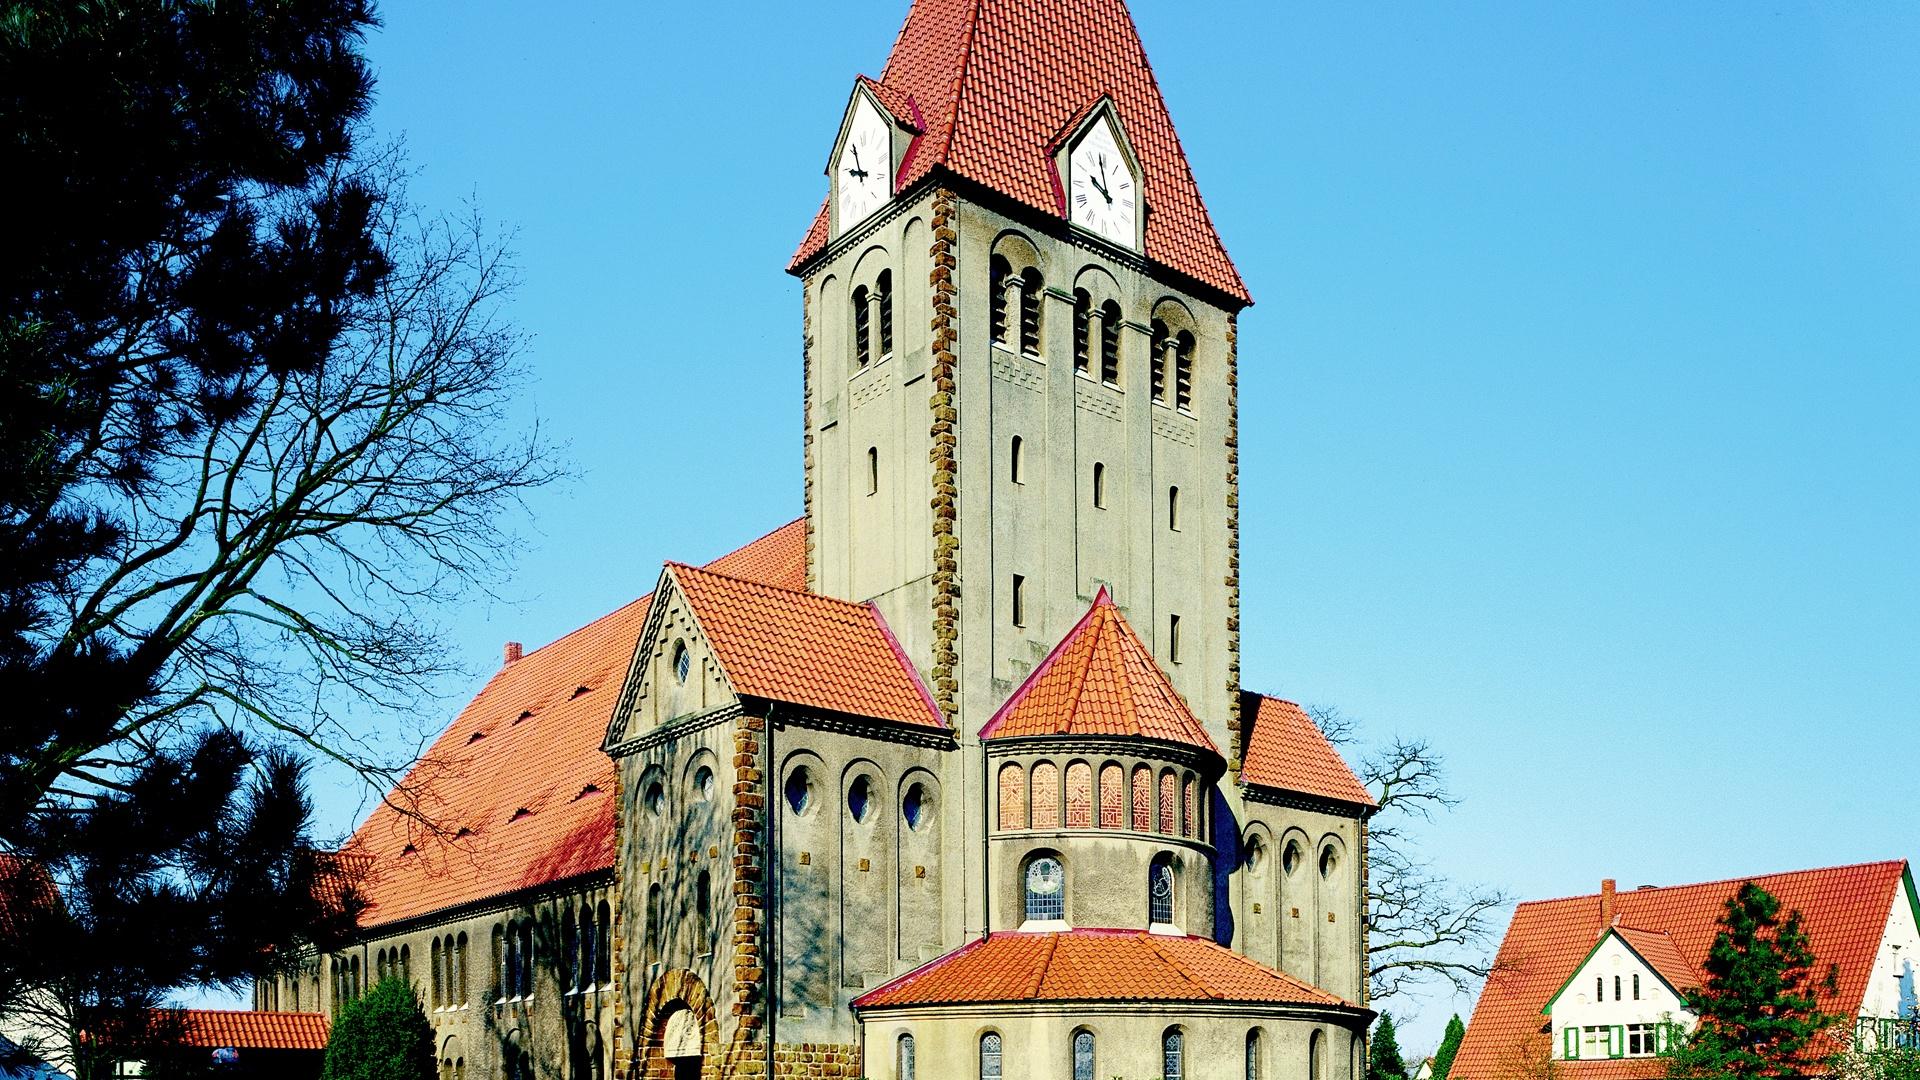 Die Kirche in Obernbeck